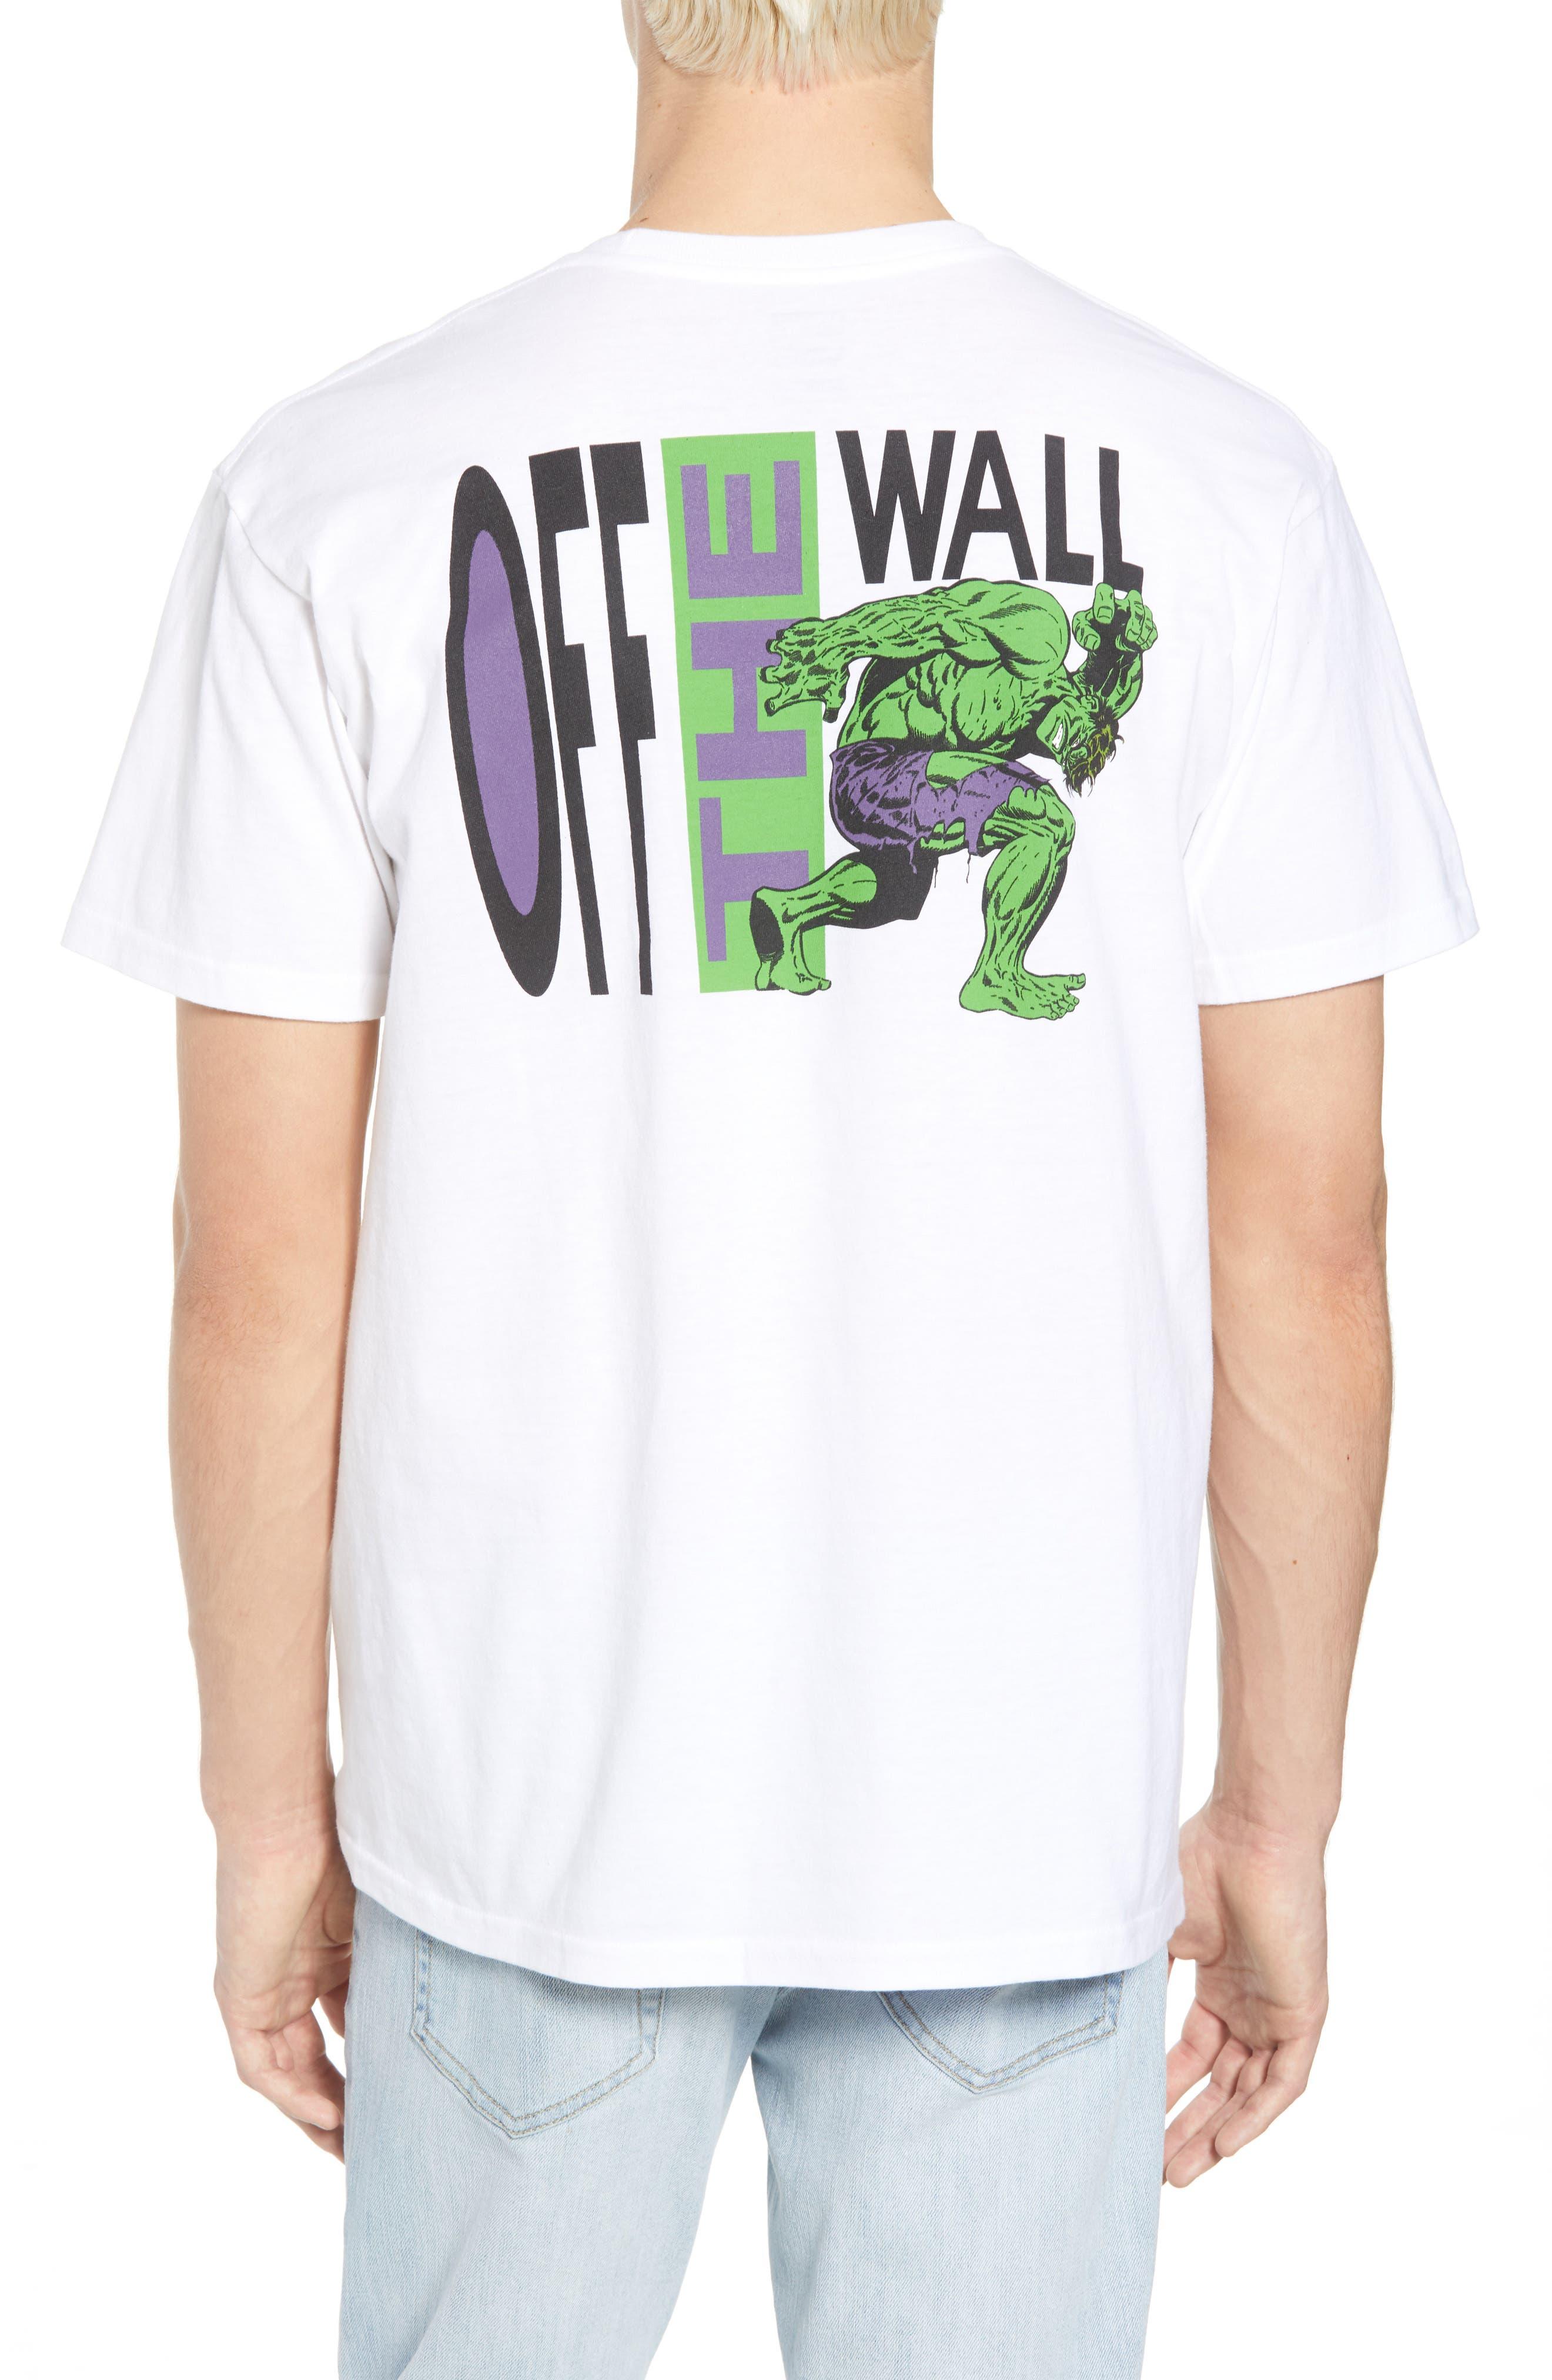 x Marvel<sup>®</sup> Hulk T-Shirt,                             Alternate thumbnail 2, color,                             White